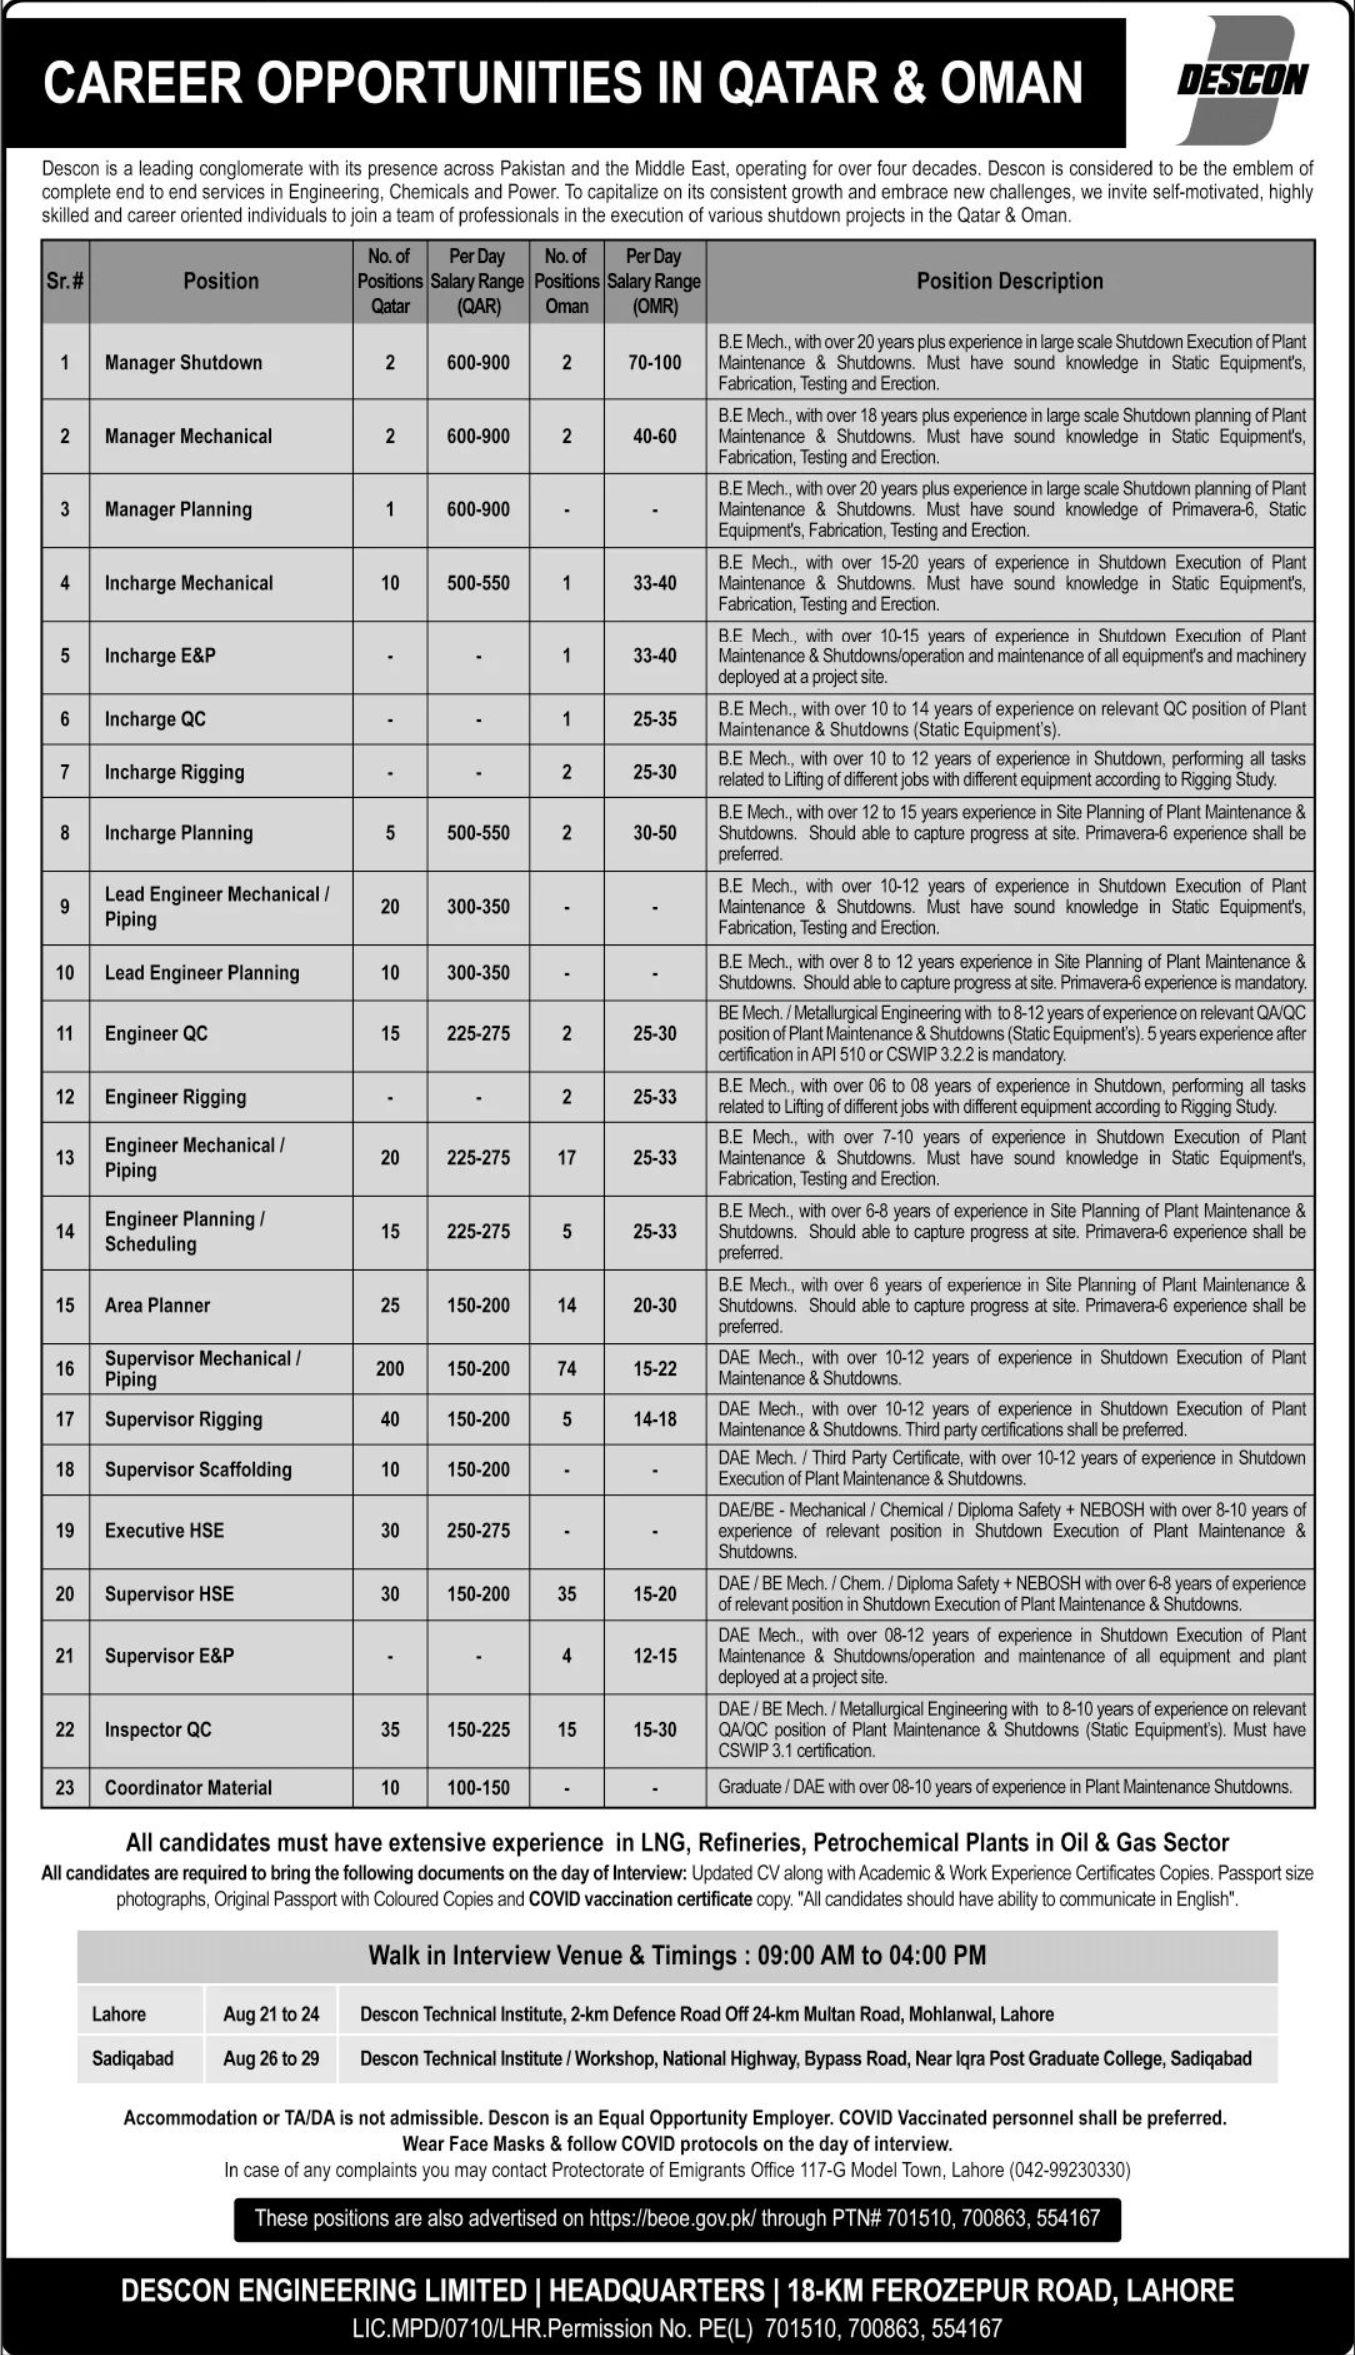 DESCON Engineering Limited Vacancies 2021 1